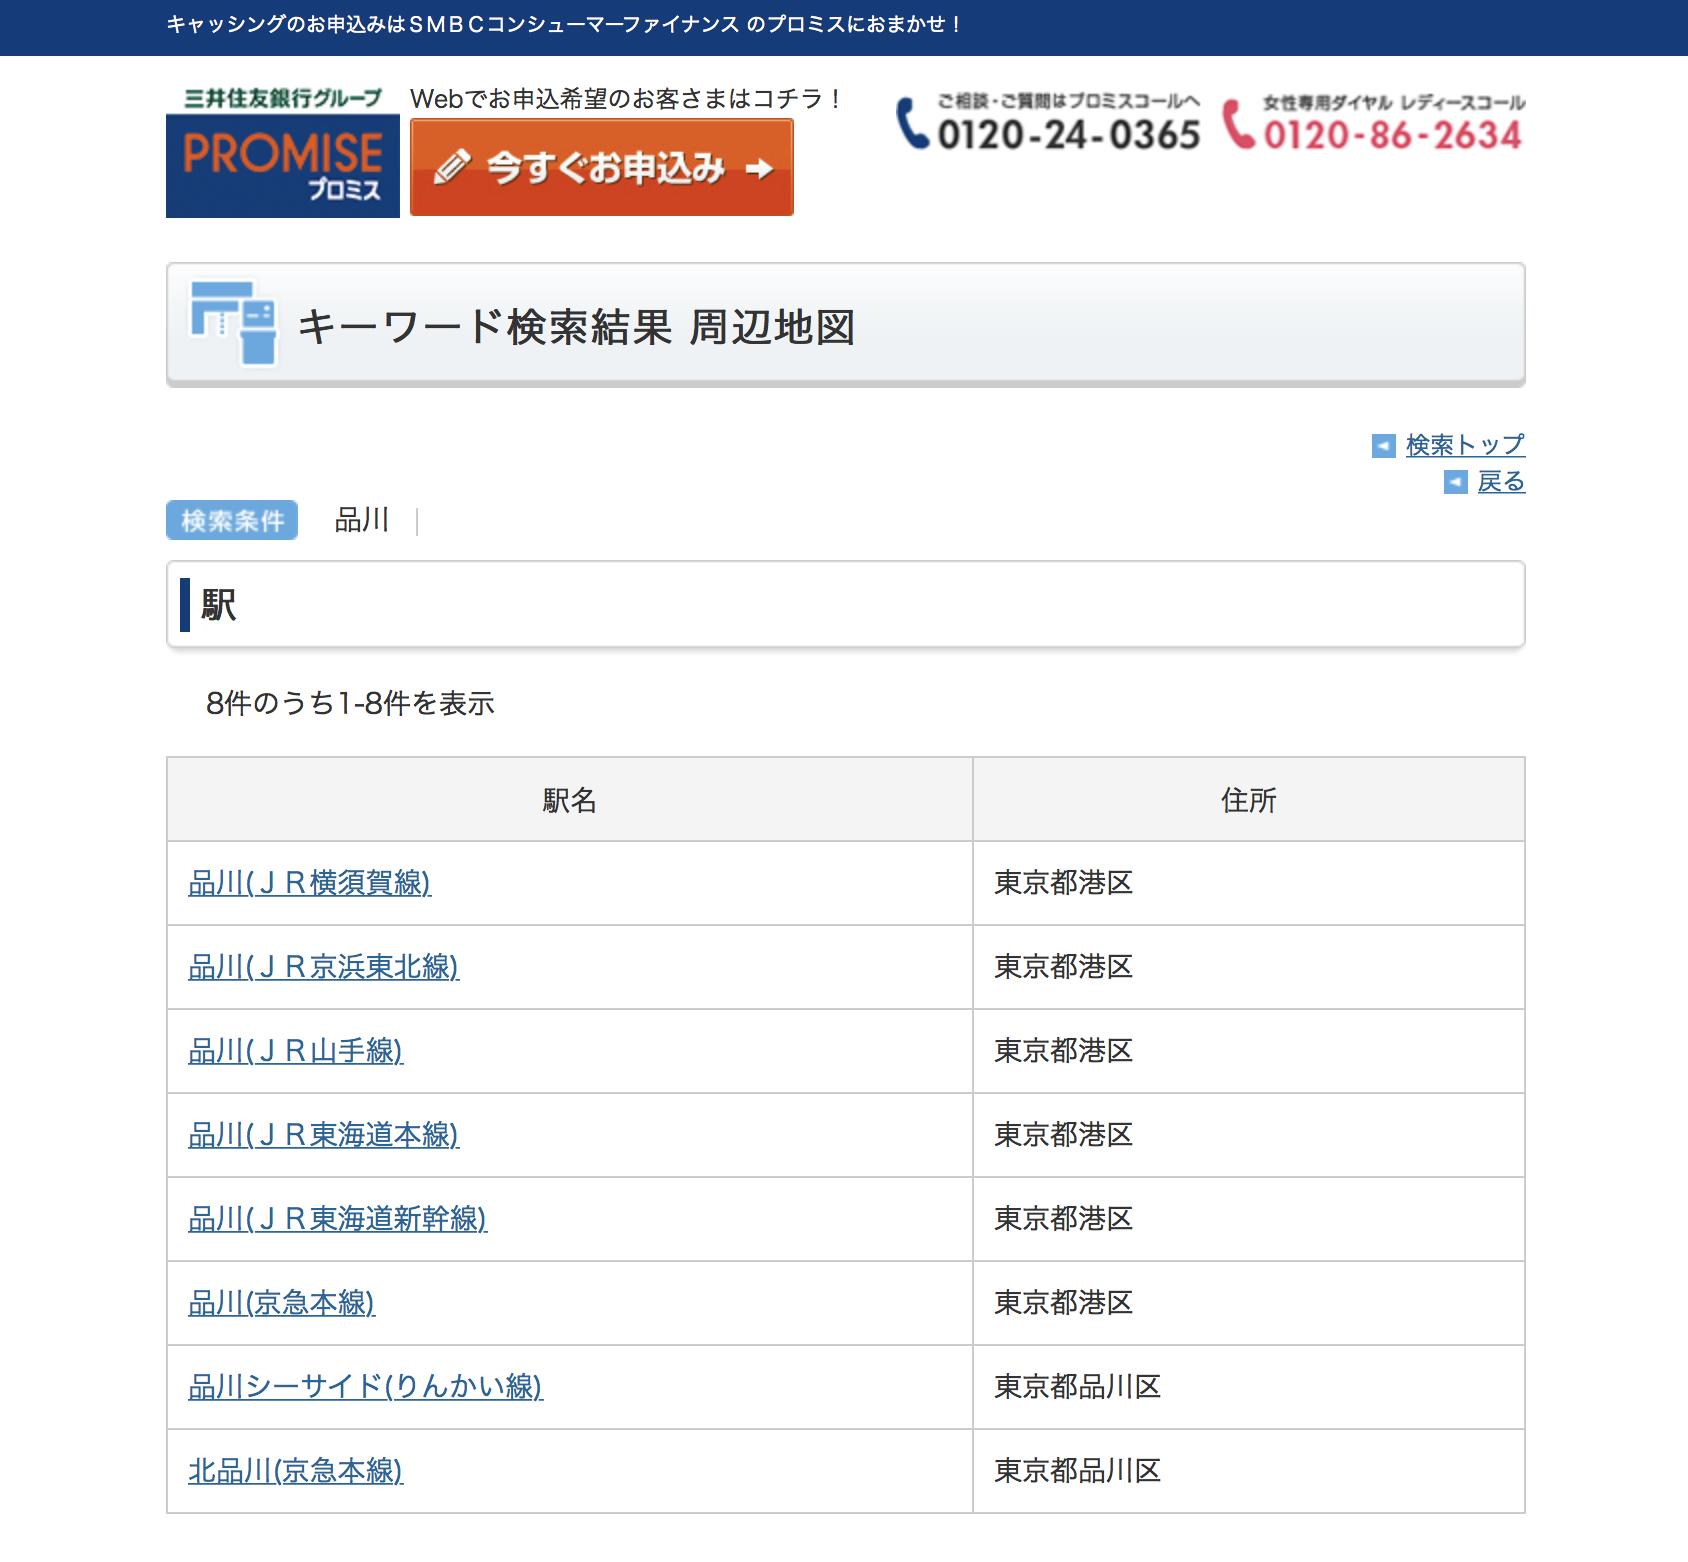 ネット 申込 プロミス